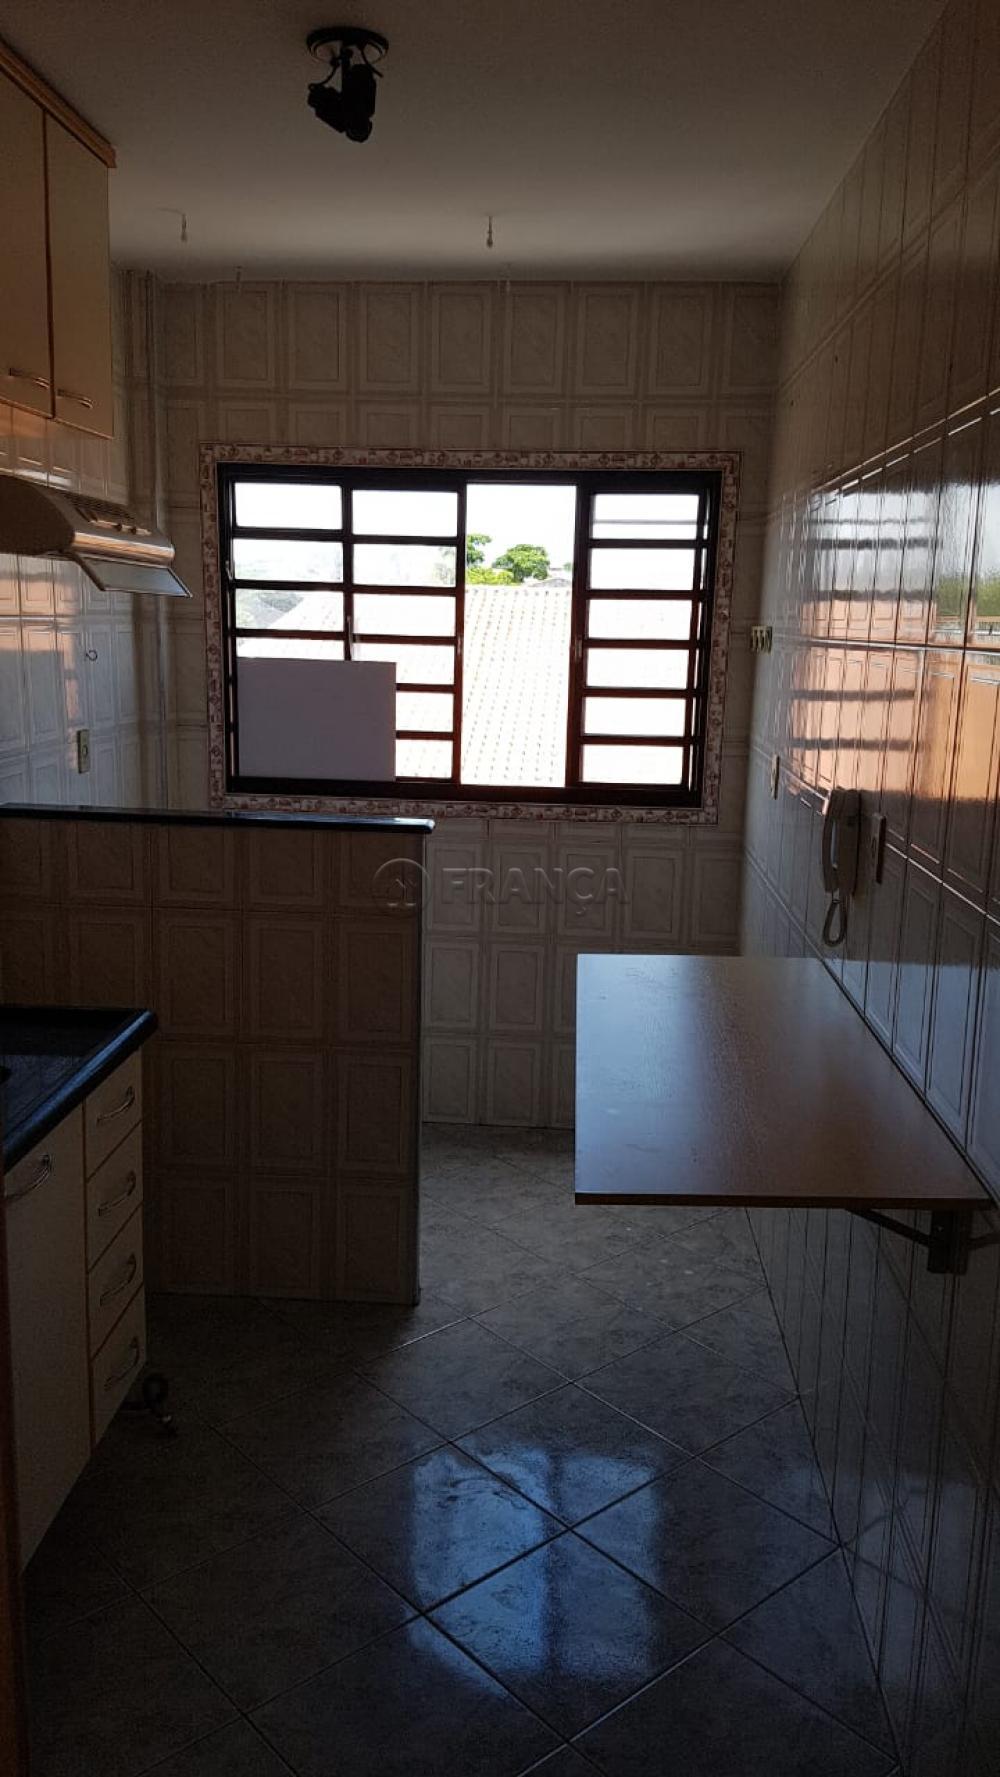 Alugar Apartamento / Padrão em São José dos Campos R$ 900,00 - Foto 6